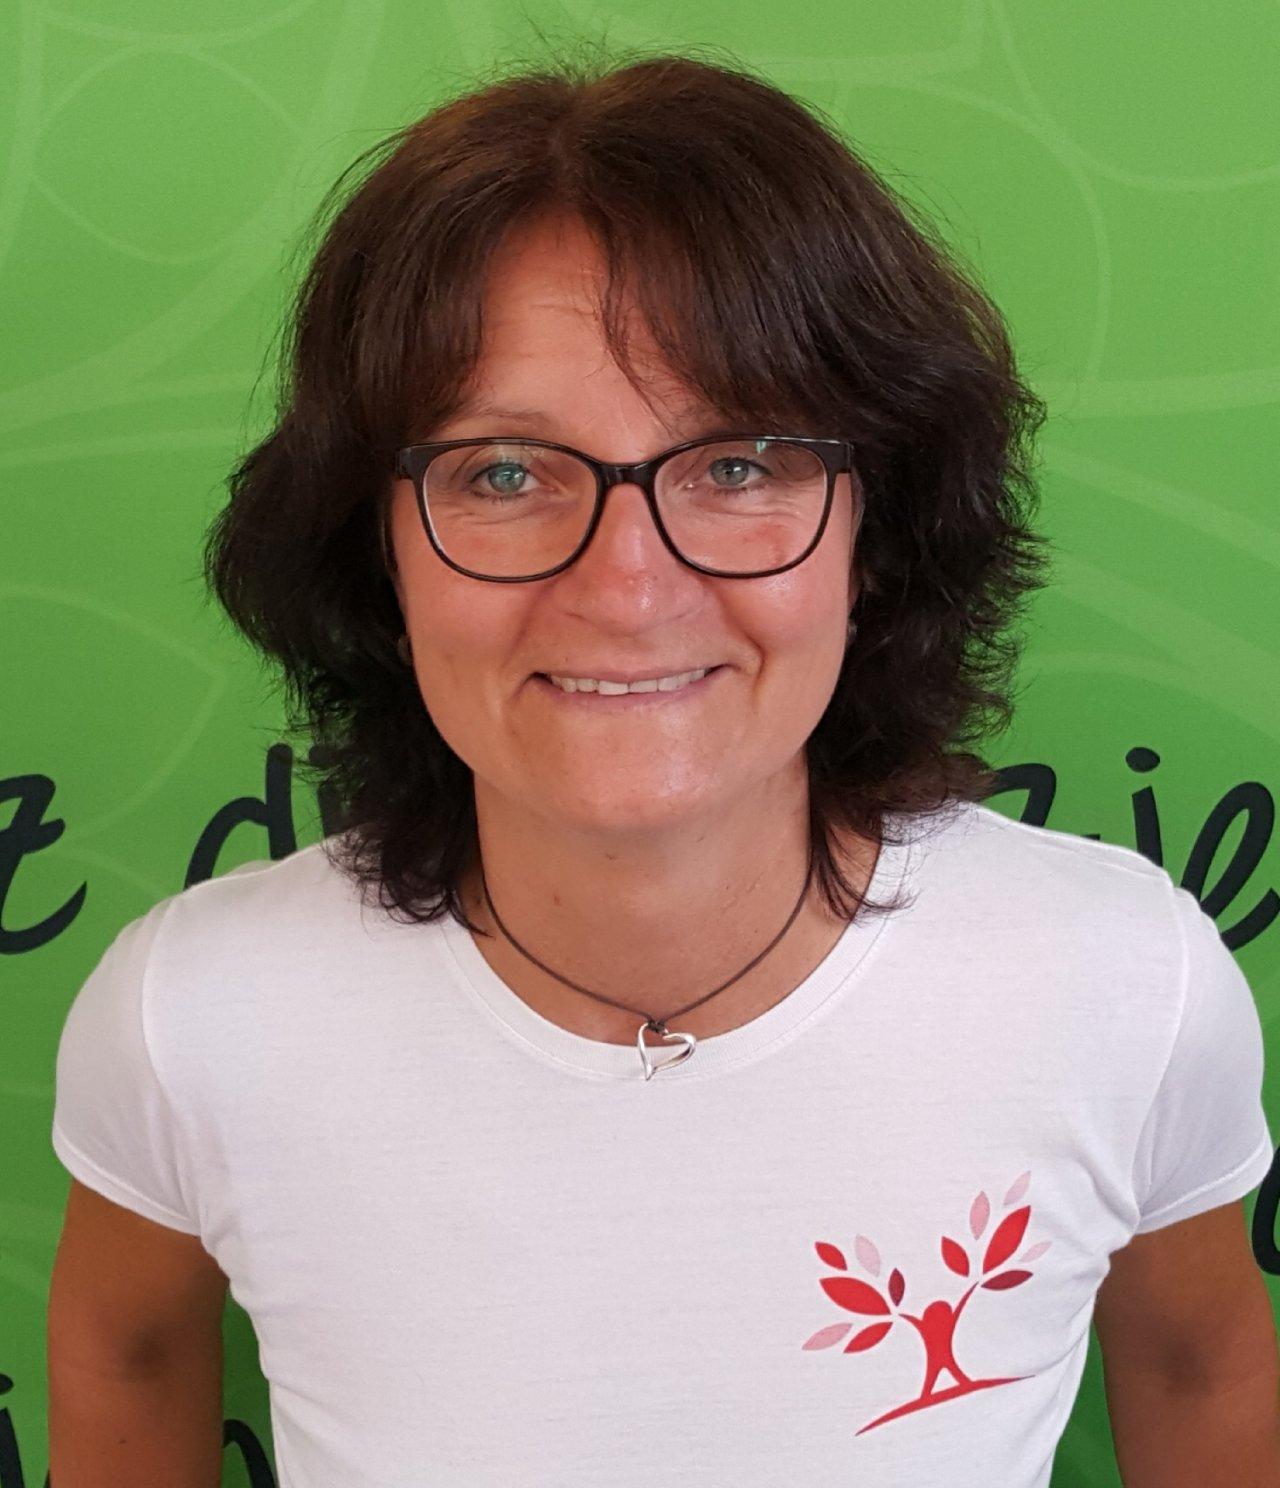 Auf dem Foto ist Monika Stottan aus Wien vor einem grünen Hintergrund zu sehen. Sie hat kinnlange braune gestufte Haare und einen Pony. Auf dem Bild trägt sie eine eckige schwarze Brille, eine schwarze Kette und ein weißes T-Shirt mit einem roten Aufdruck